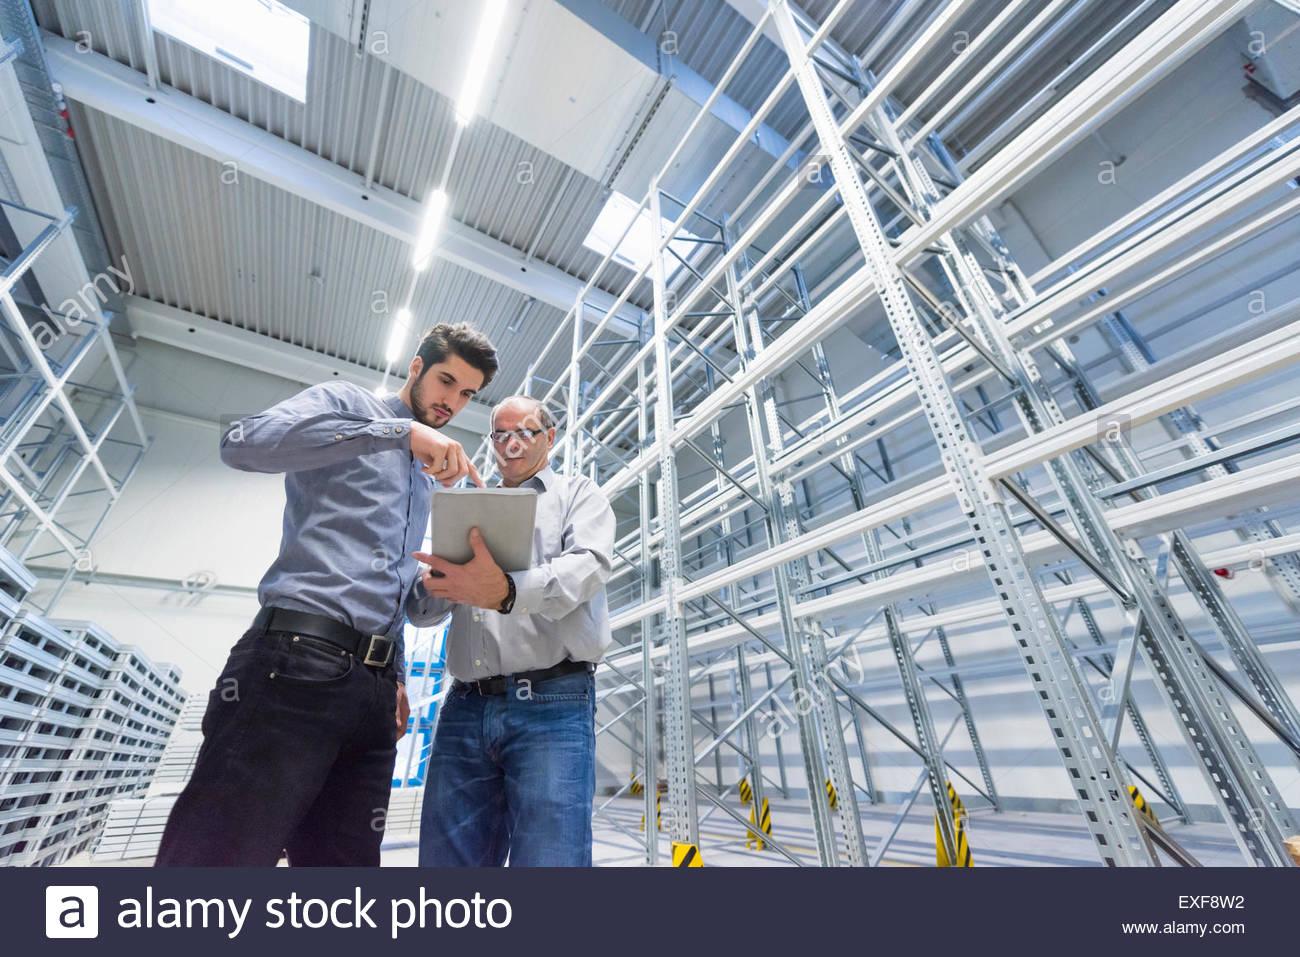 Ángulo de visión baja del empresario reunión trabajador de fábrica Imagen De Stock